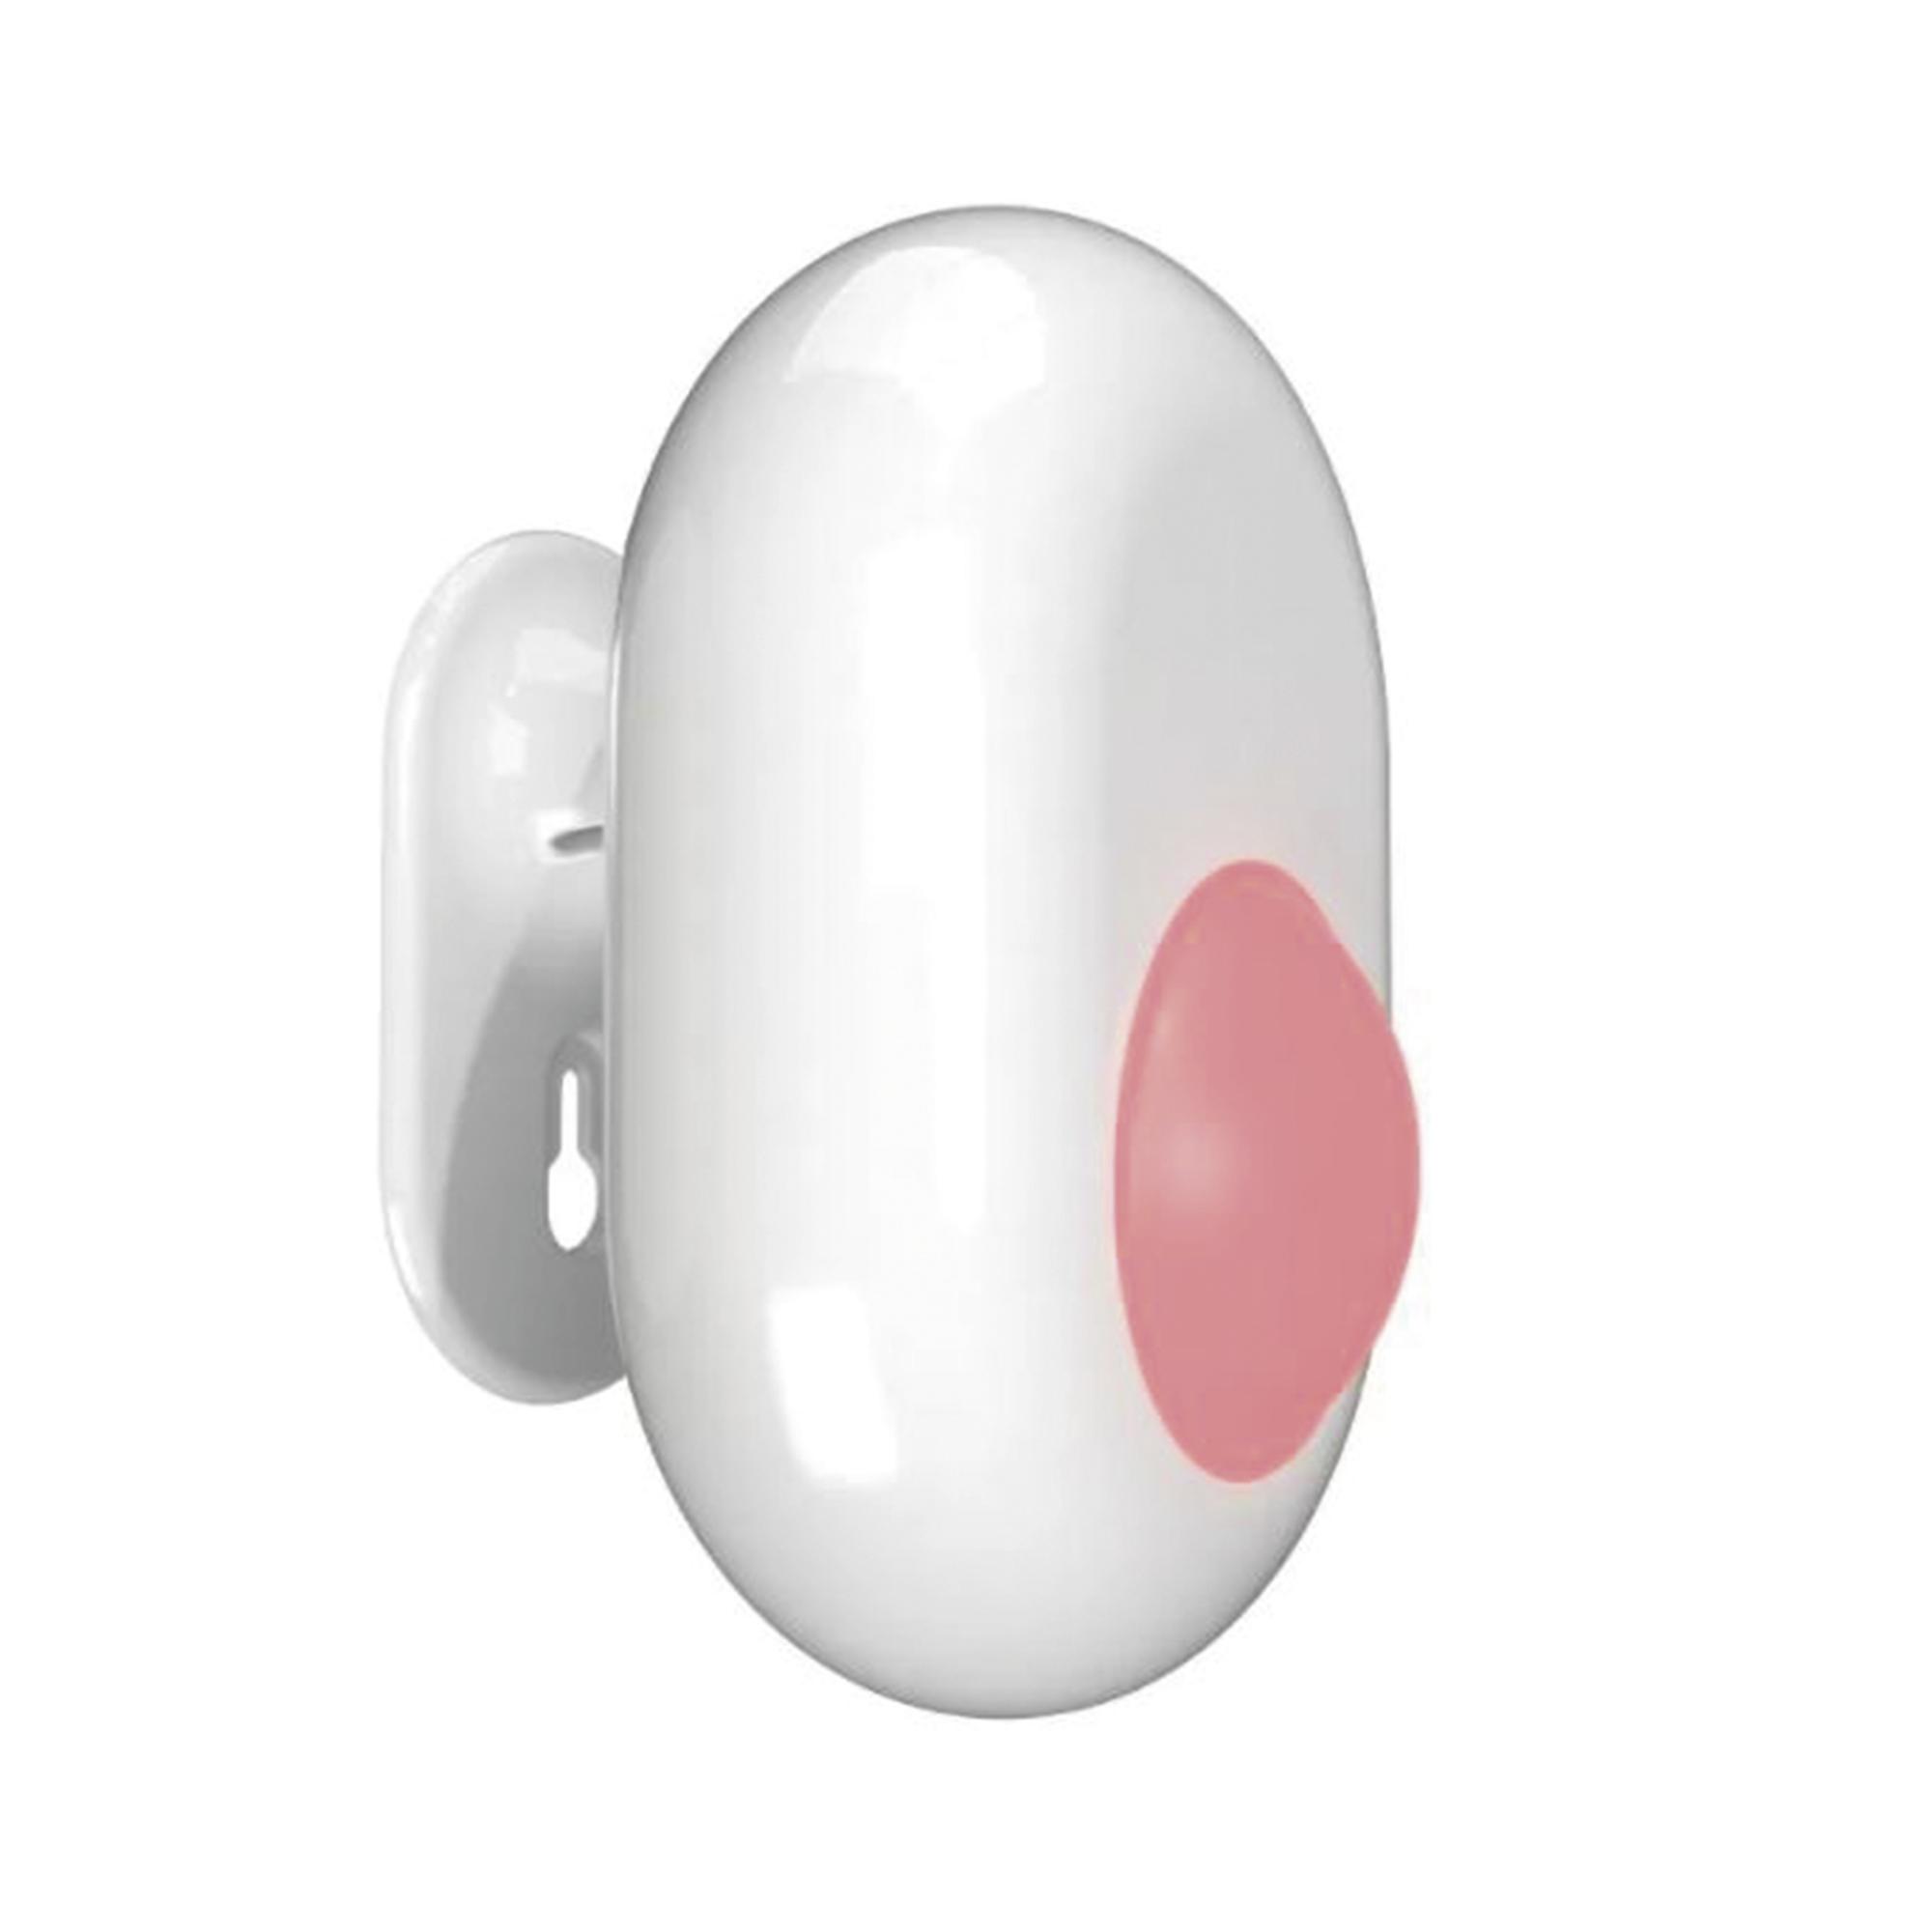 Sensor de movimiento inteligente e inalámbrico, integración con App shelly y sus relevadores de control.